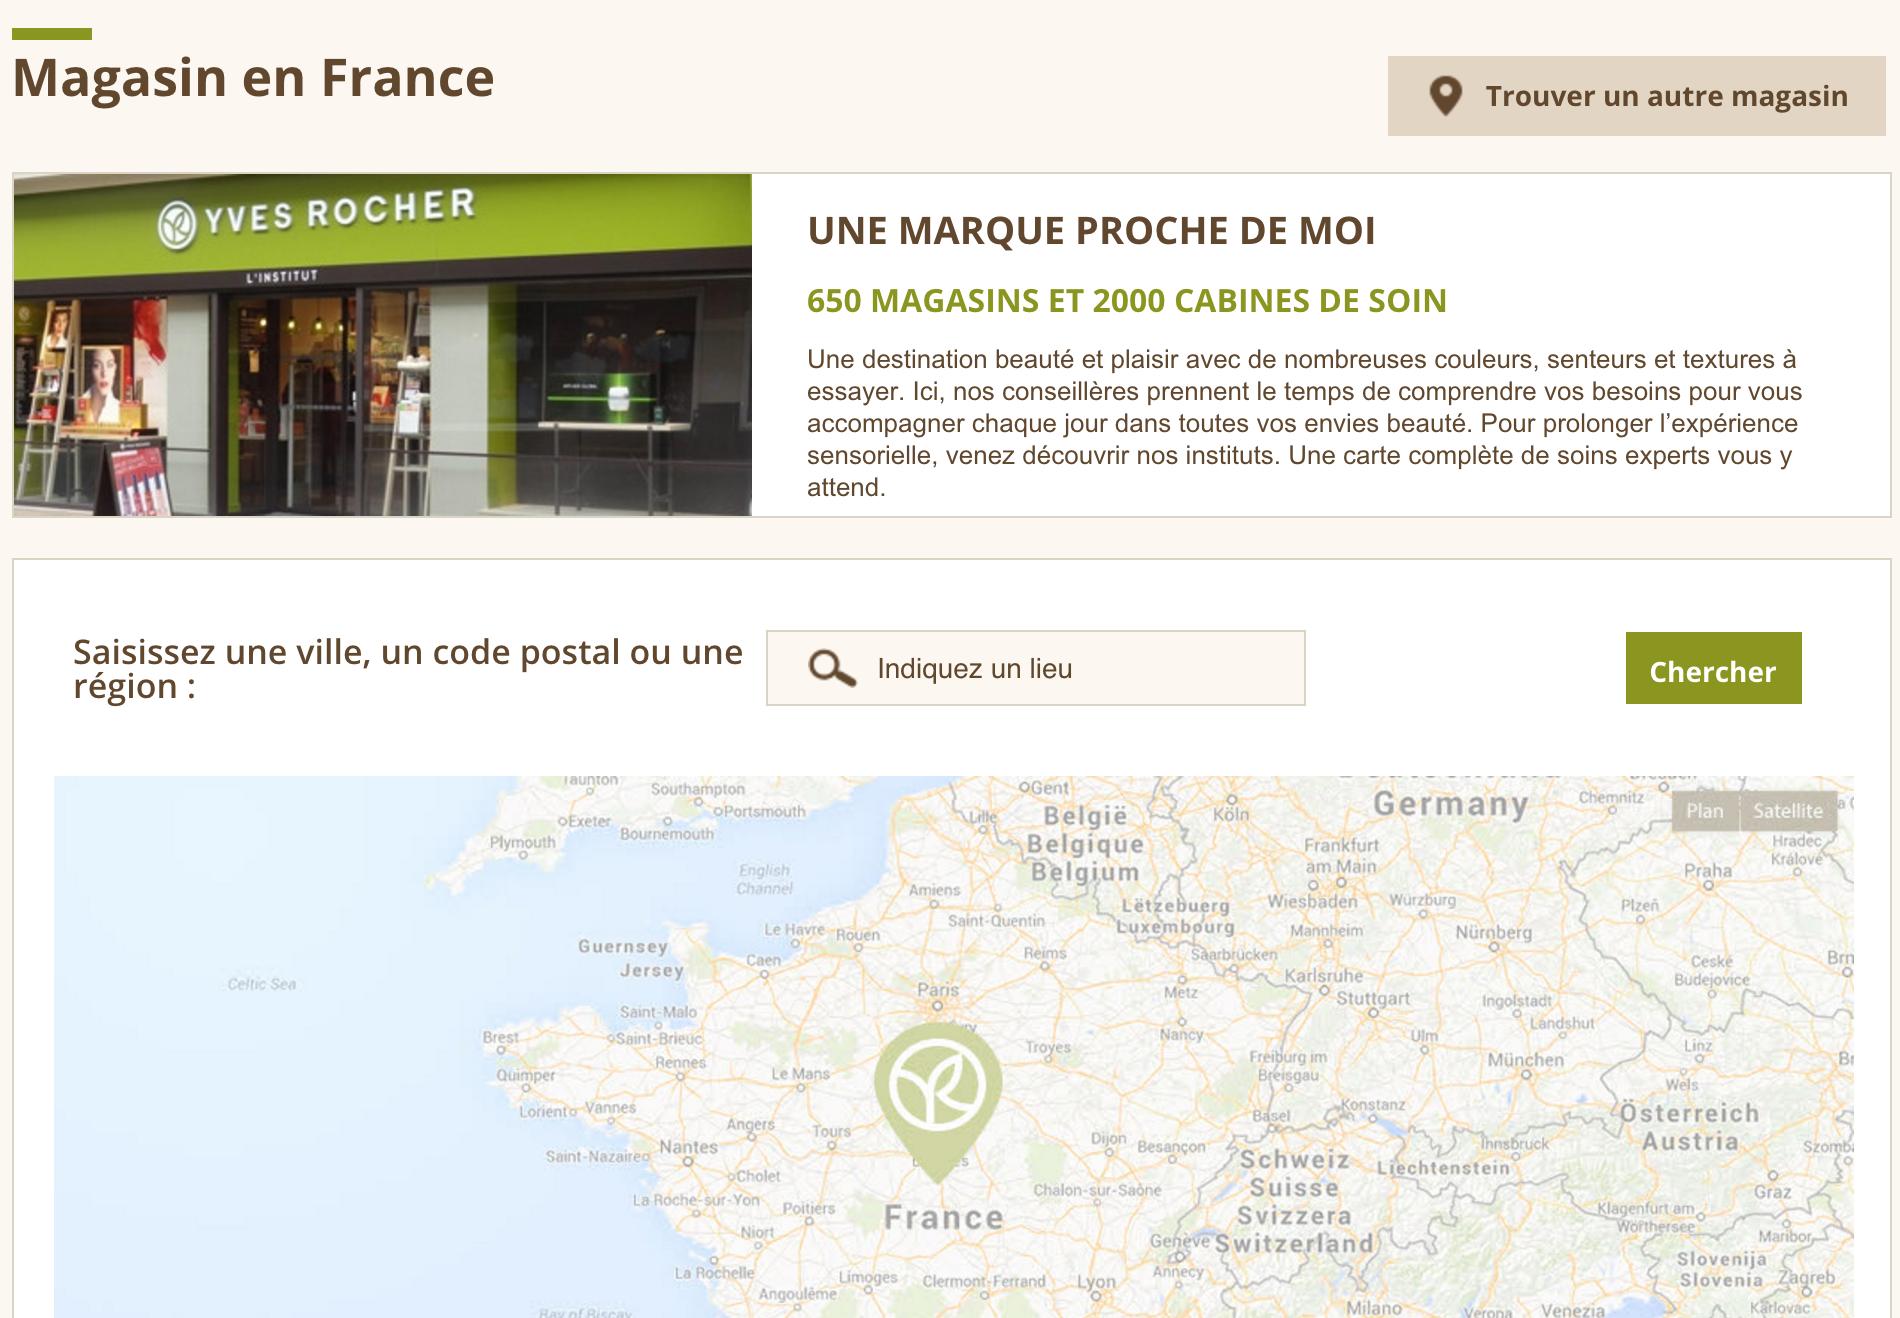 Cliquez sur la carte pour découvrir les coordonnées du magasin le plus proche de chez vous.